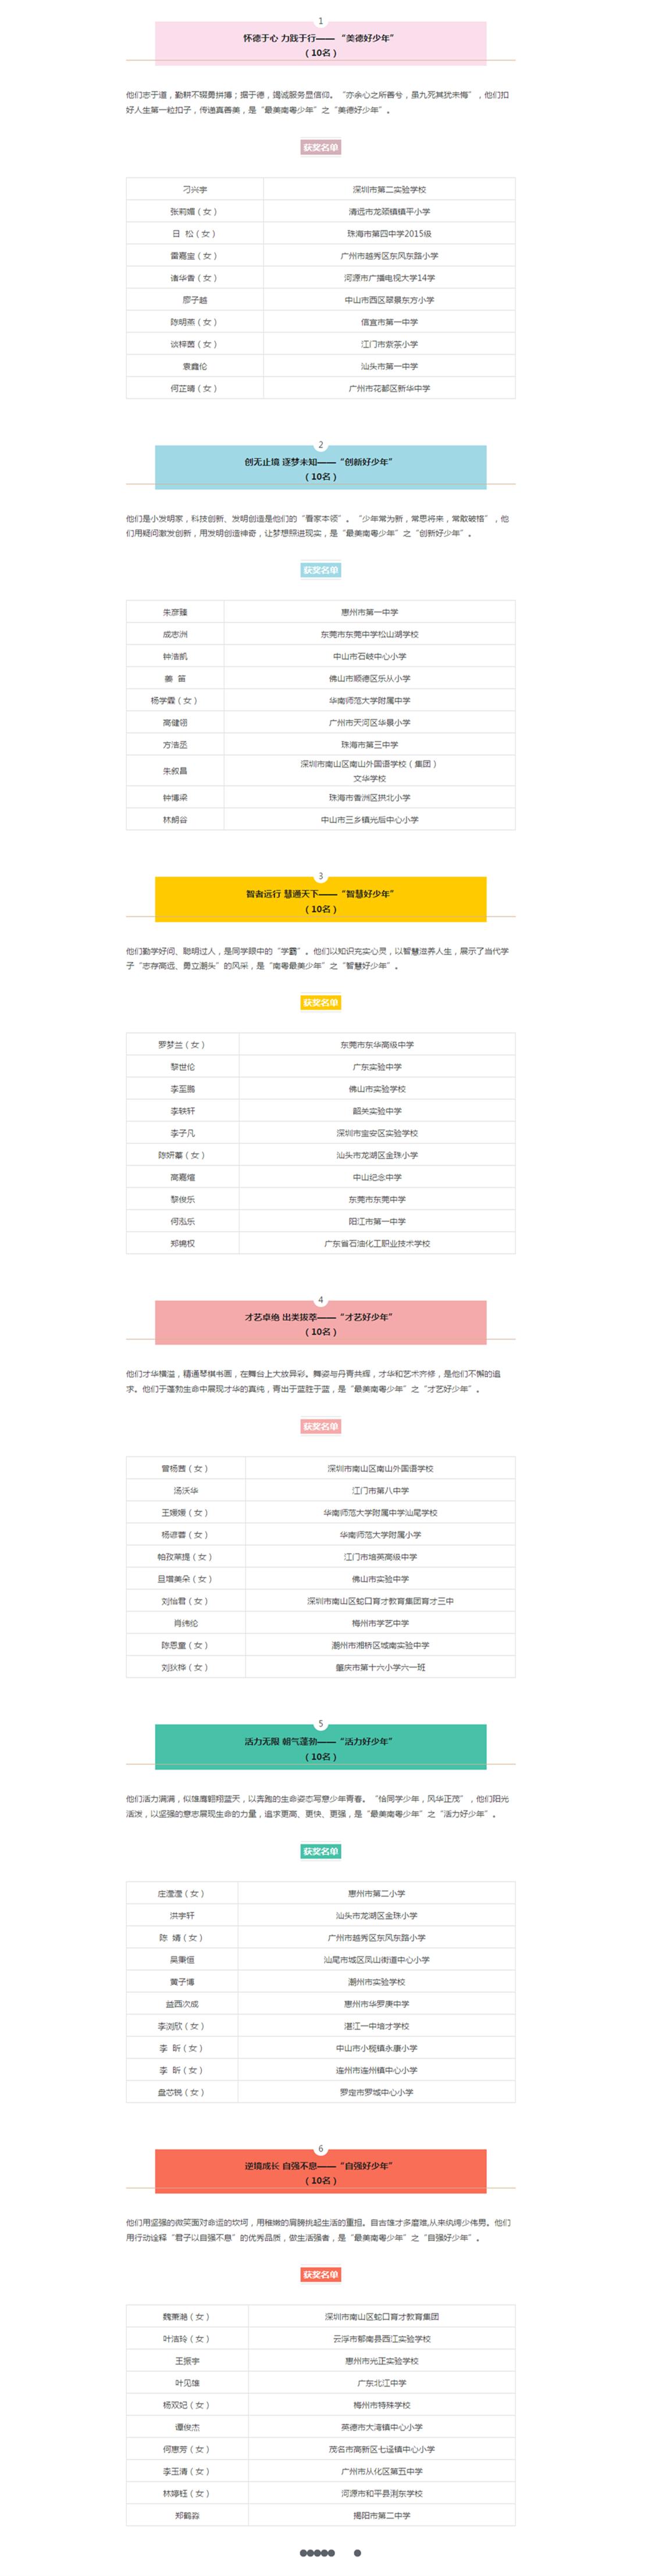 """名单揭晓!第二届寻找""""最美南粤少年""""活动结果正式发布_副本.png"""